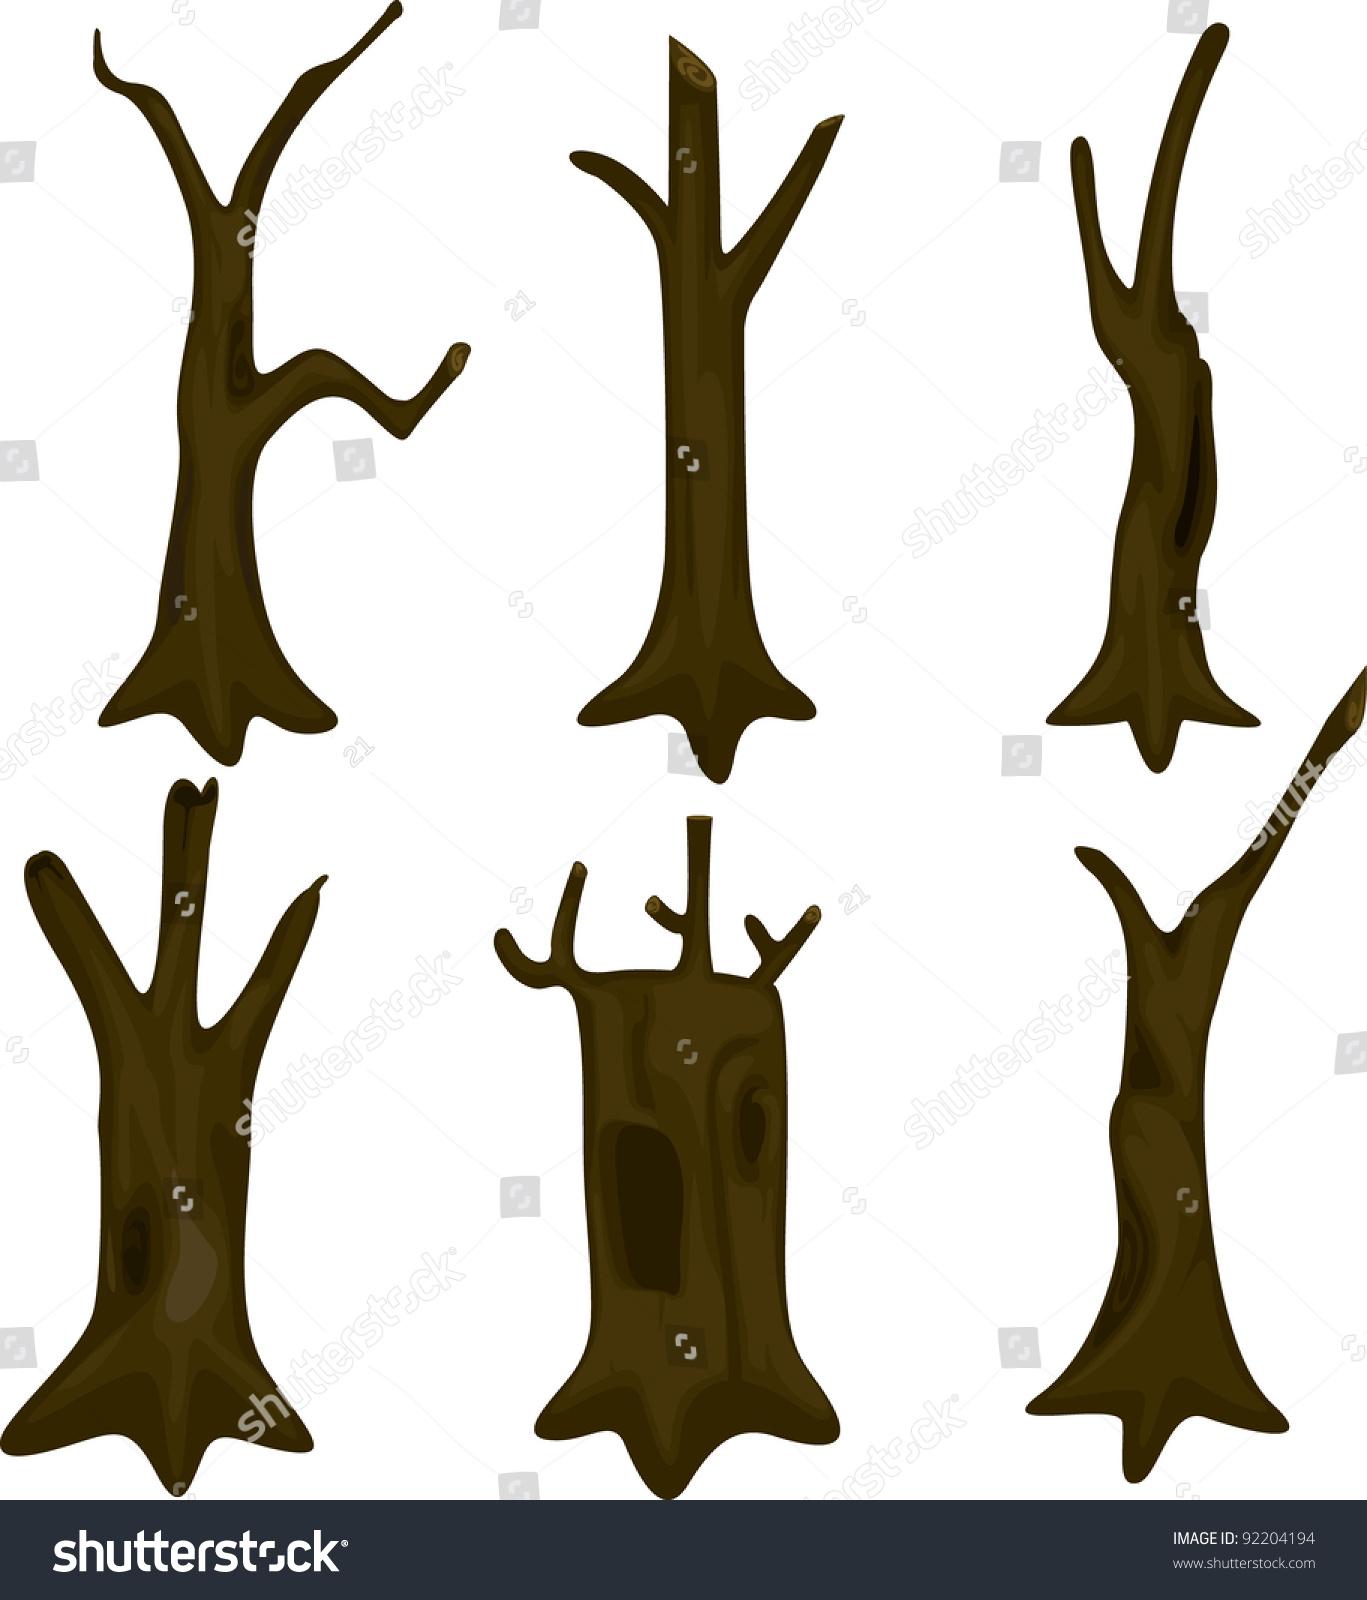 Vector Illustration Tree: Illustration Tree Trunk Stock Vector 92204194